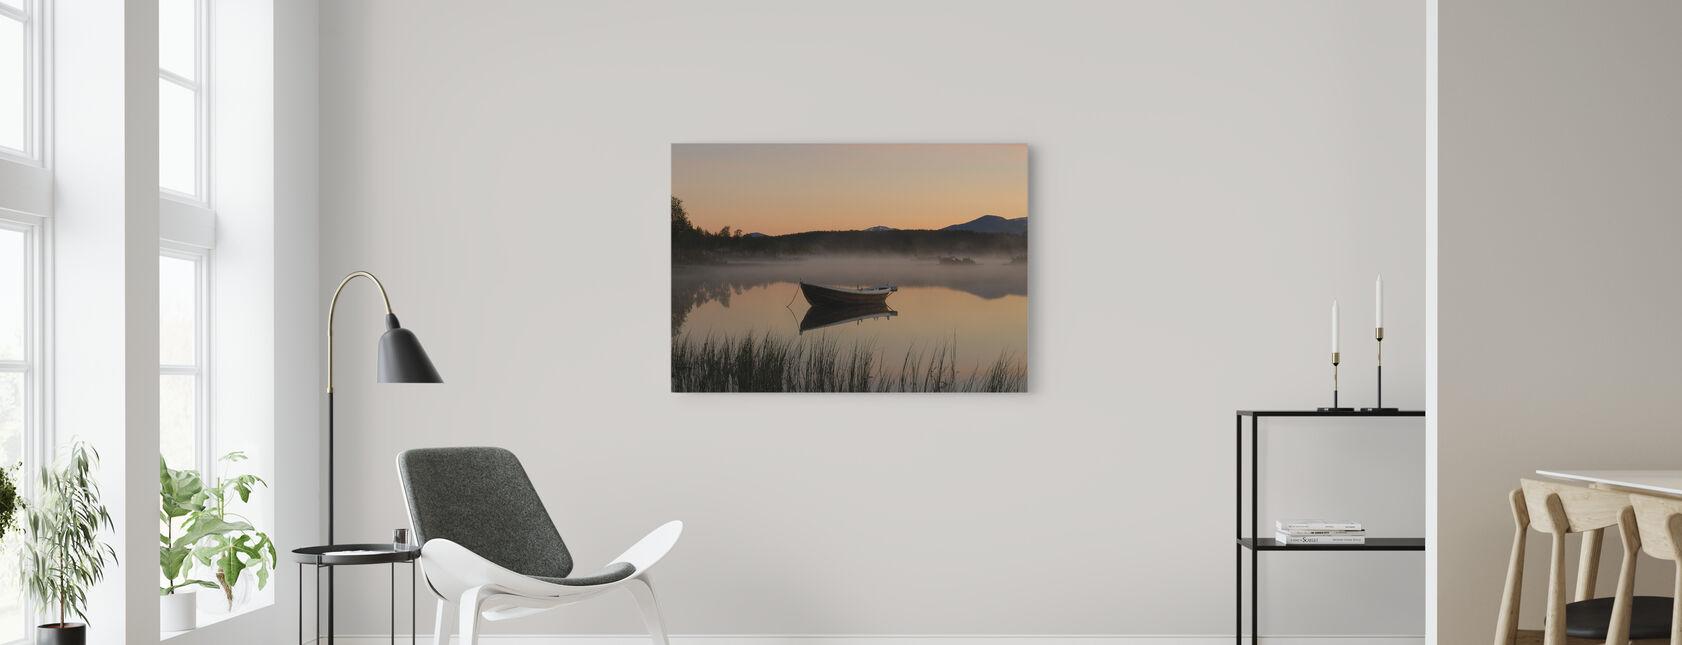 Friedlicher Abend am See, Senja Norwegen - Leinwandbild - Wohnzimmer